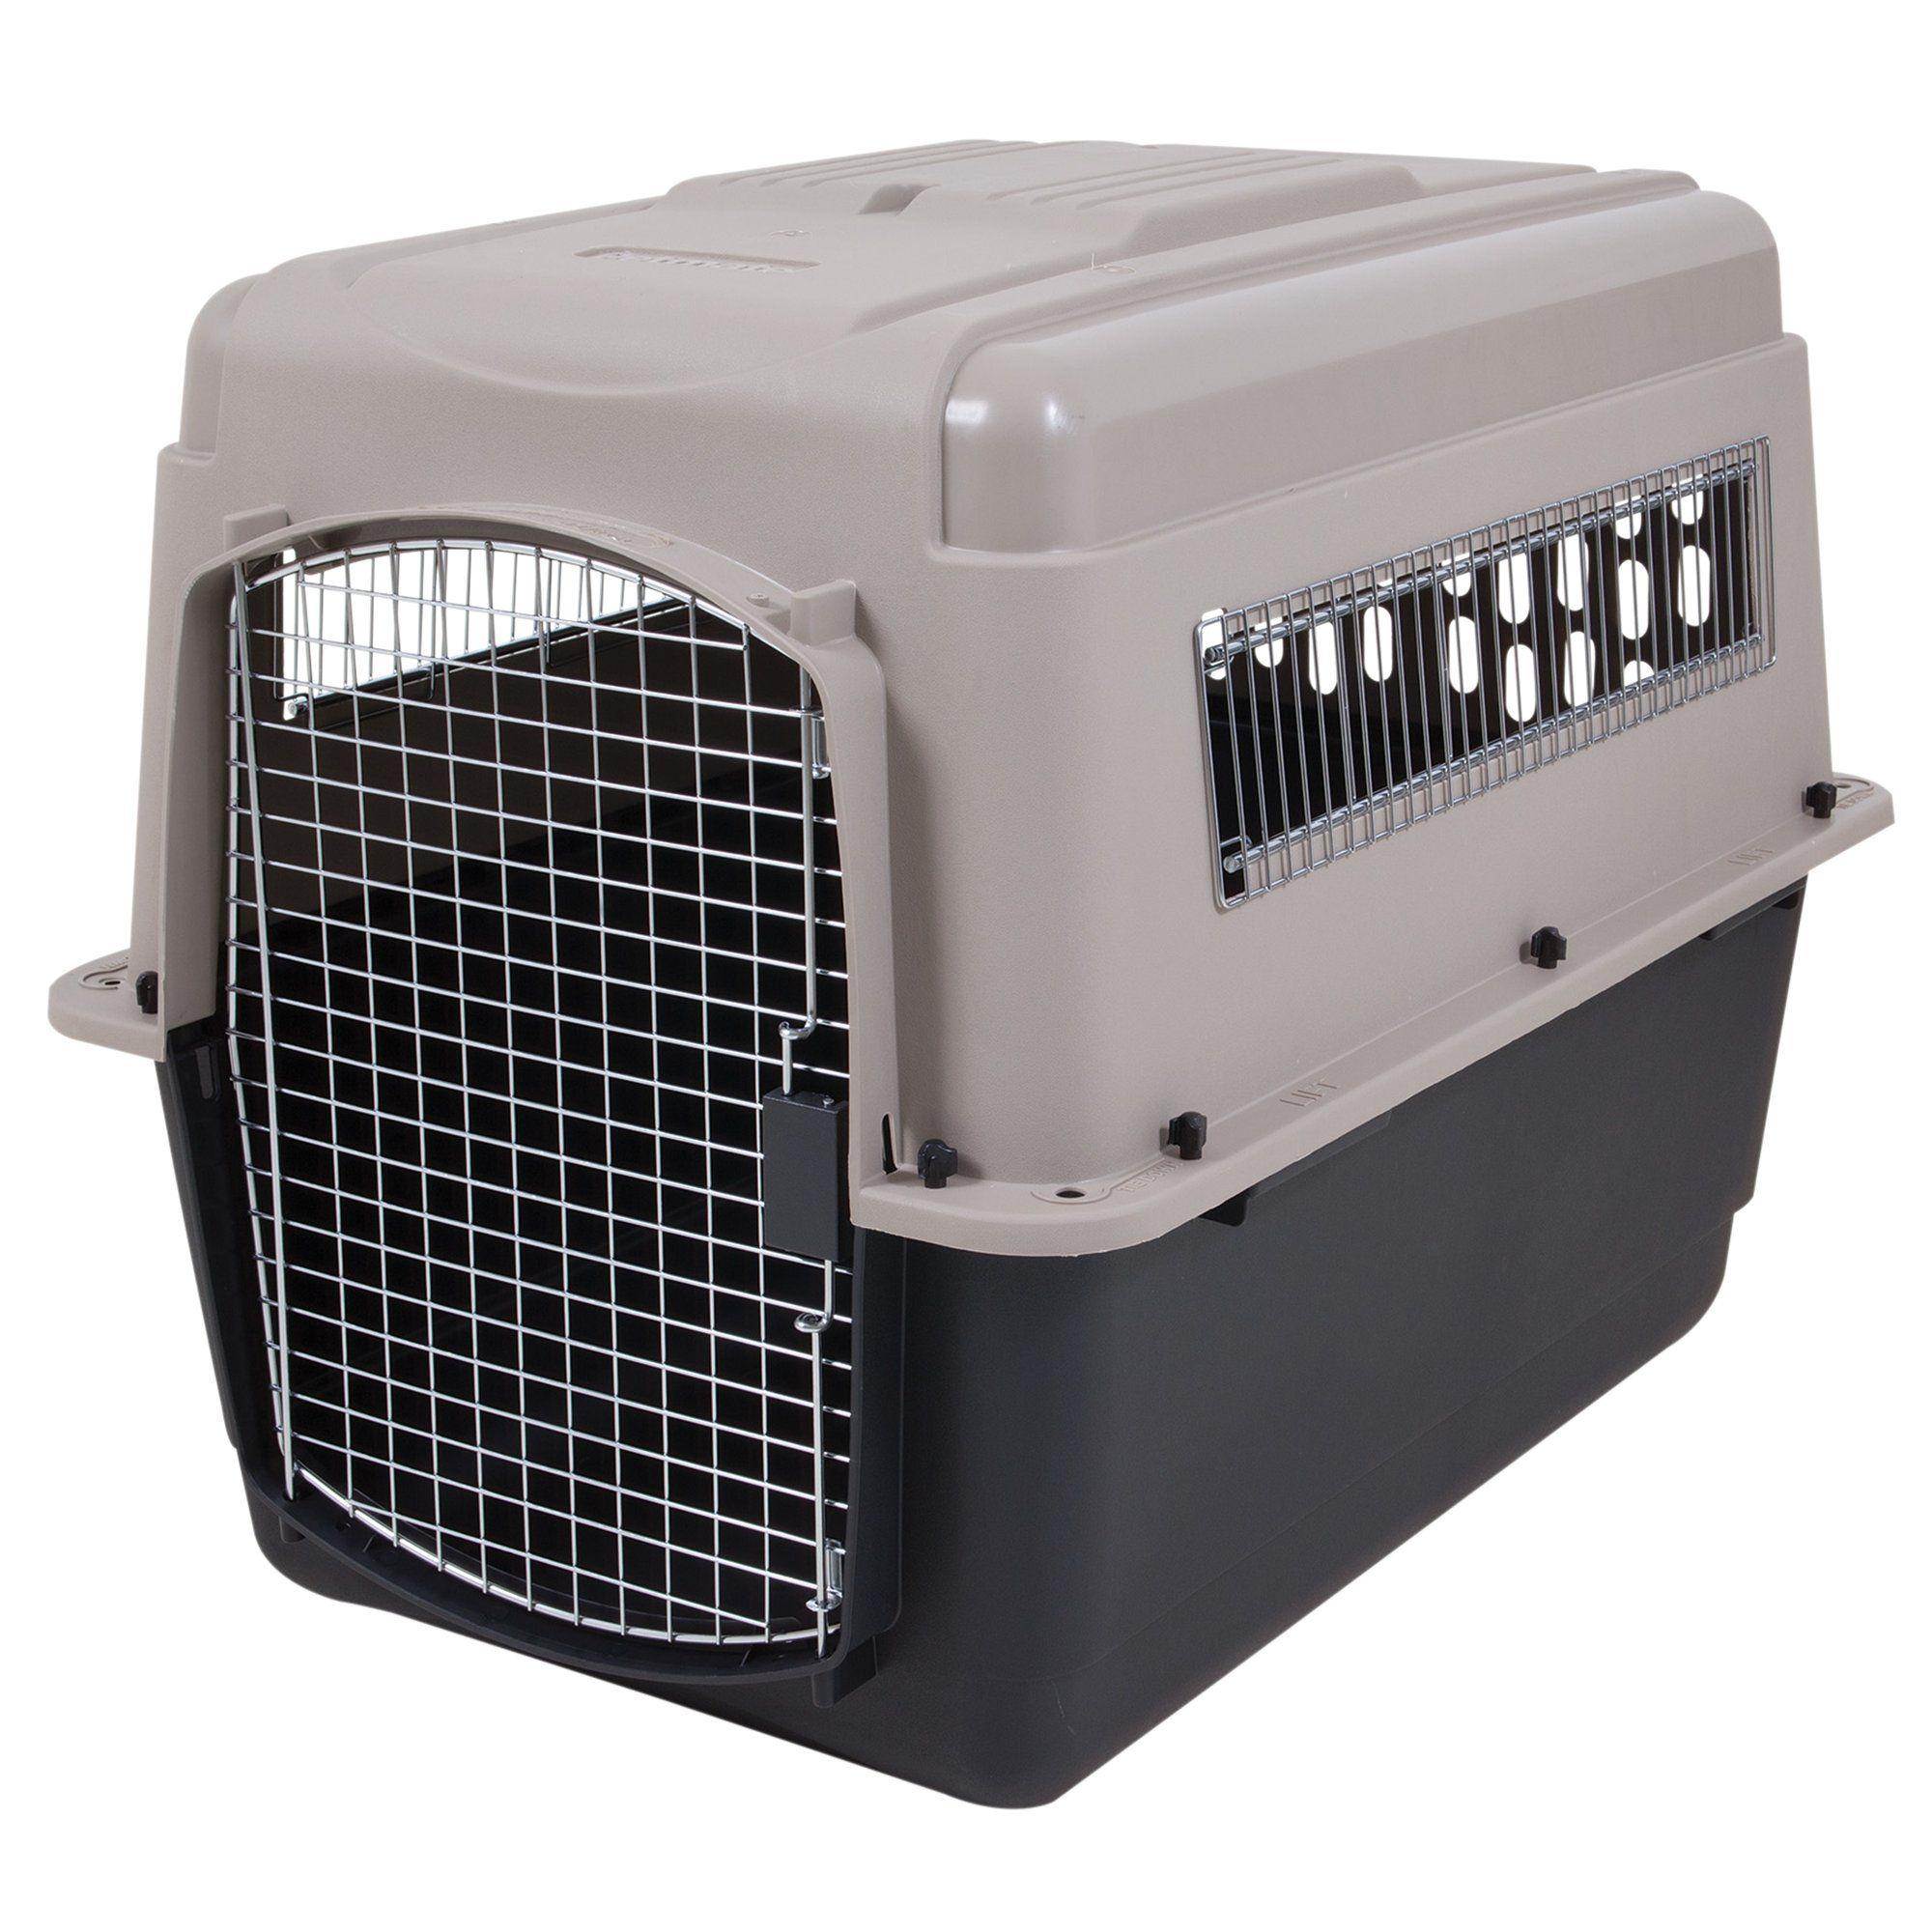 Petmate Ultra Vari Dog Kennel 36 L X 25 W X 27 H Portable